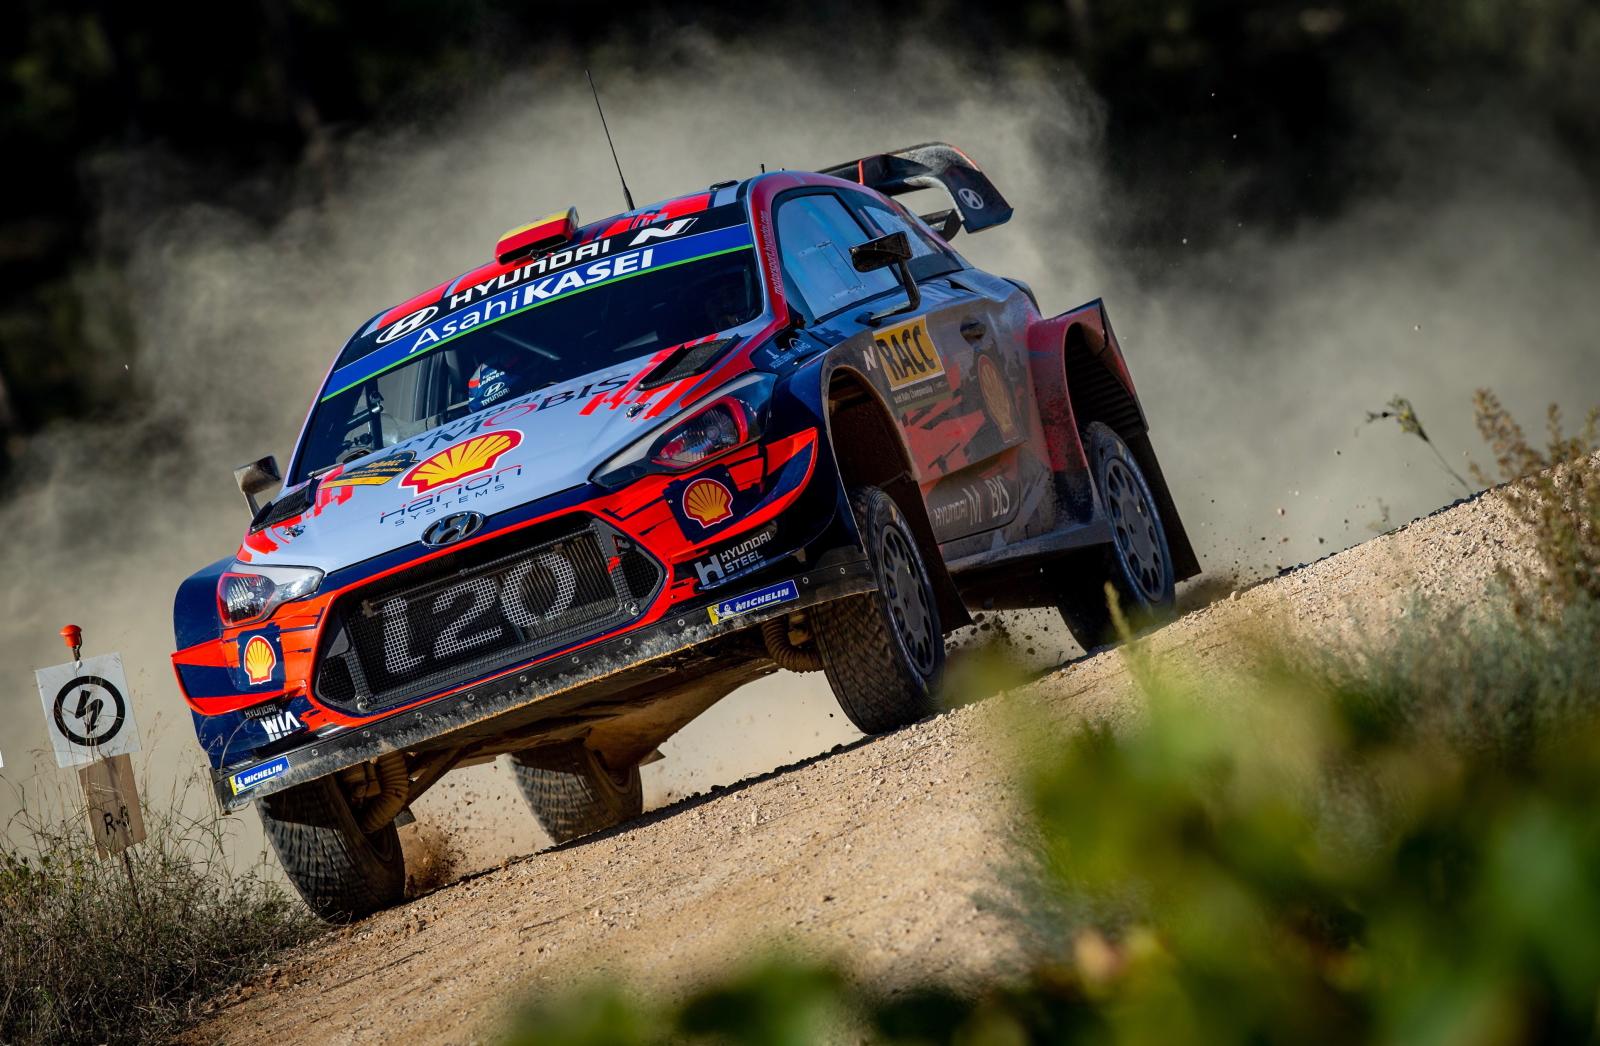 Wyścigi samochodowe w Hiszpanii fot. EPA/Enric Fontcuberta